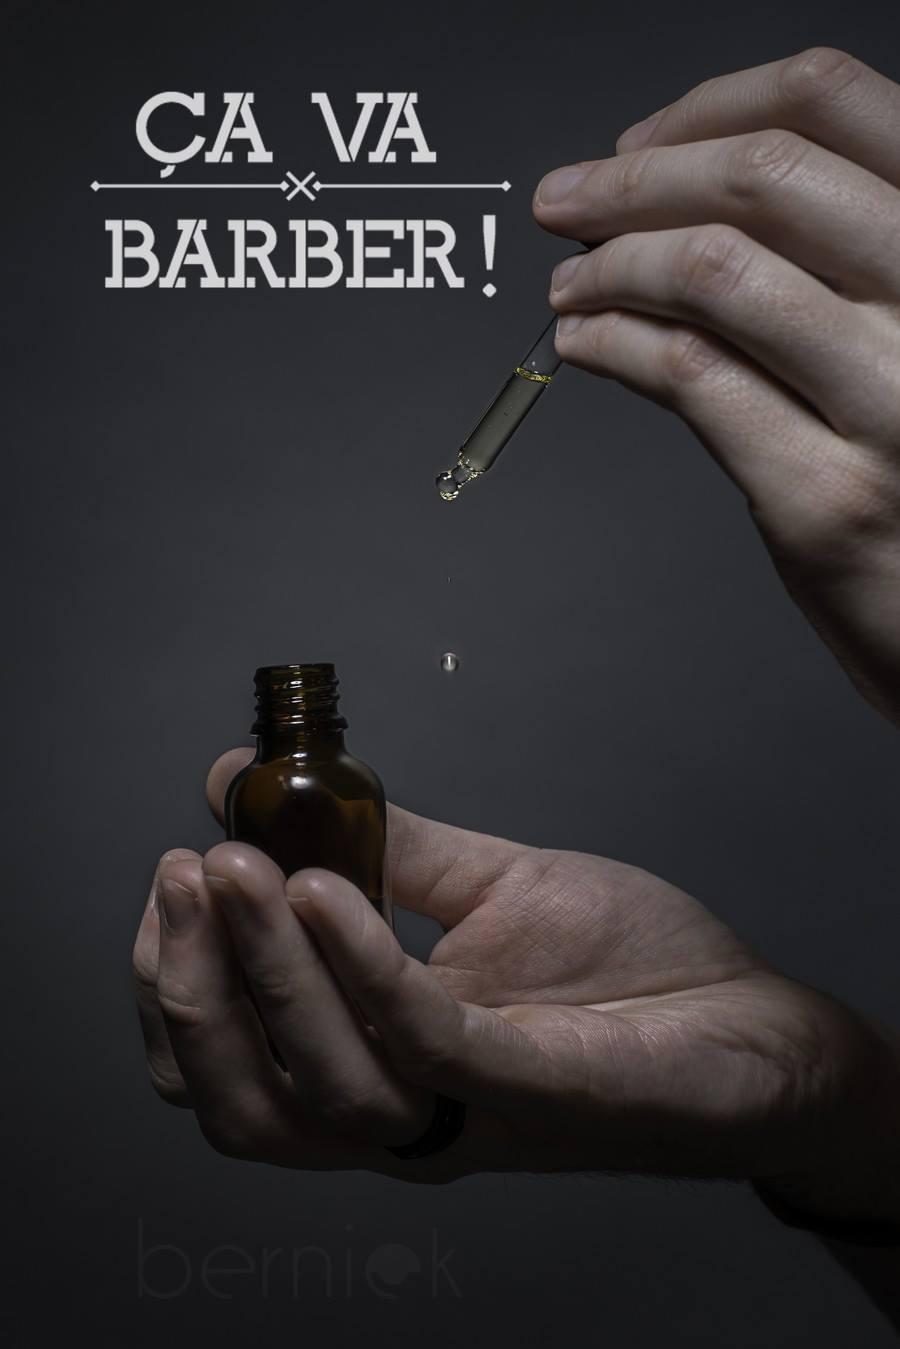 https://www.marques-de-france.fr/wp-content/uploads/2019/12/ca-va-barber_produit-phare.jpg